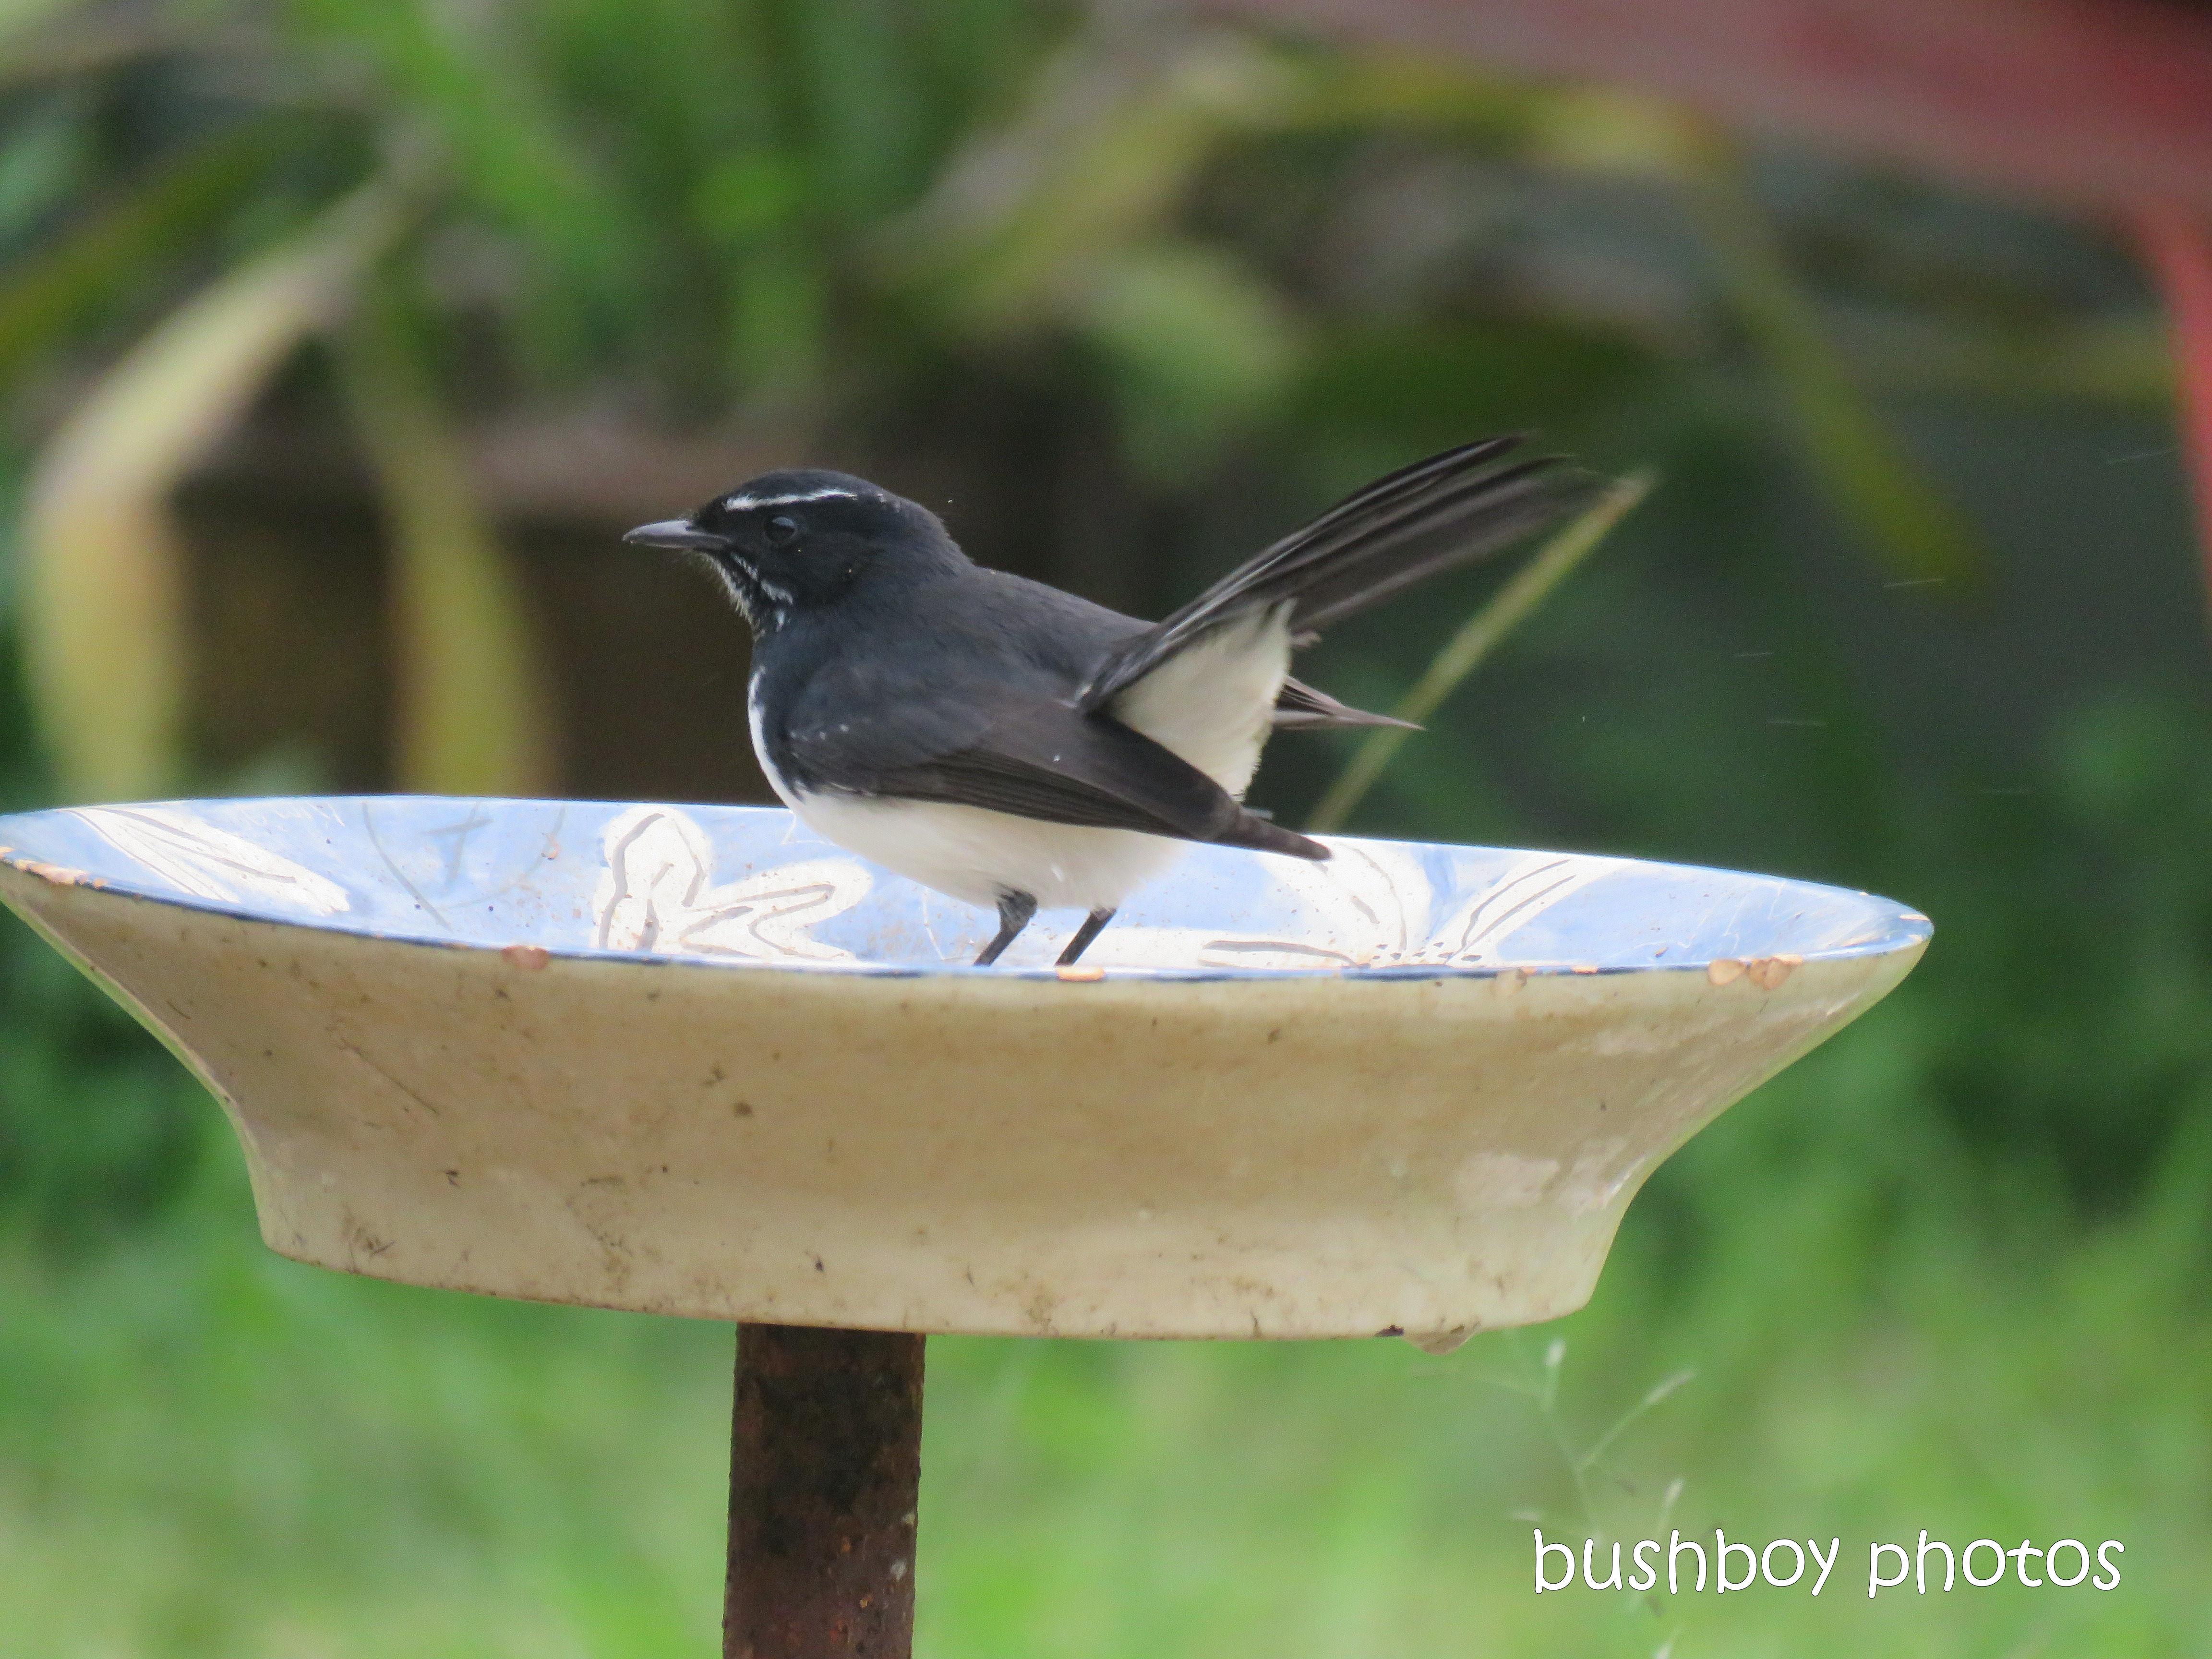 willie_wagtail_bird_bath_named_caniaba_blog2